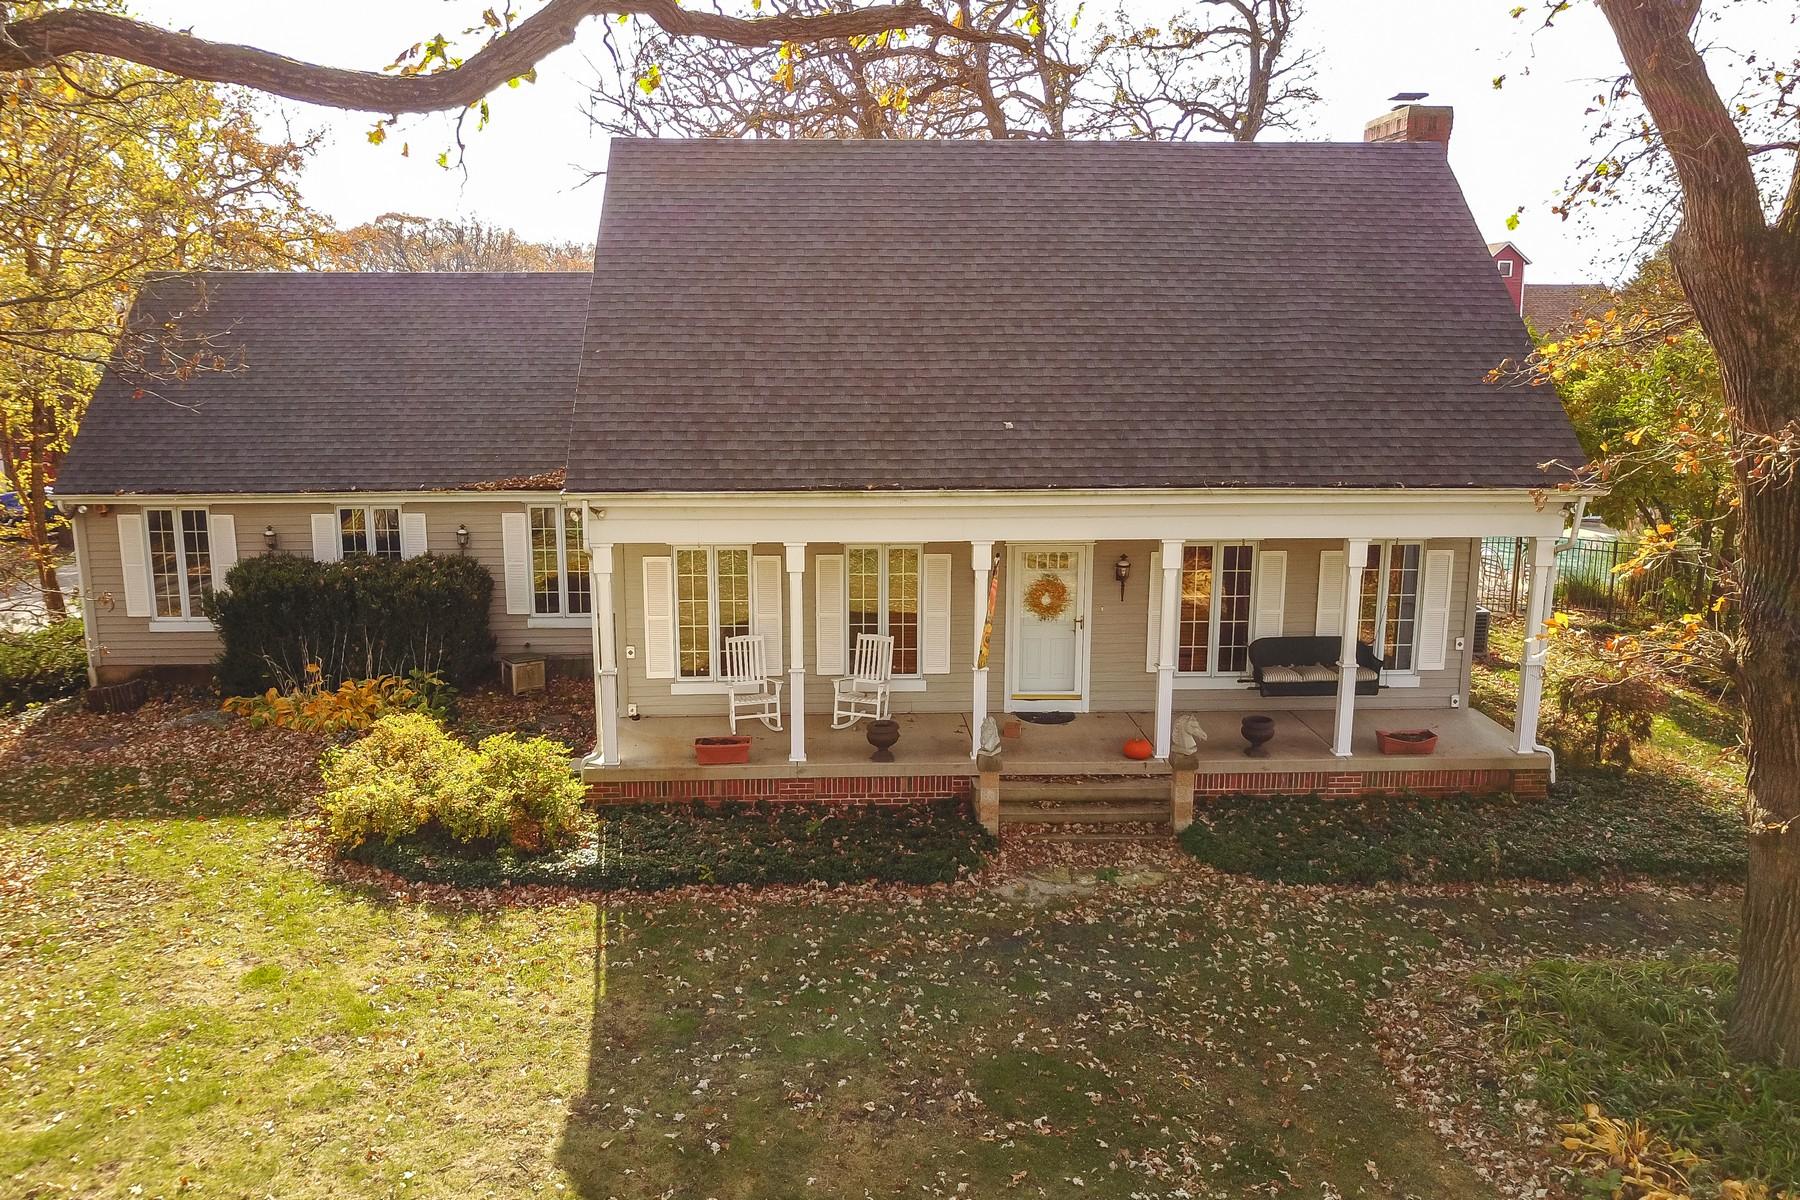 Maison unifamiliale pour l Vente à Turnkey Exquisite Equestrian Estate 41W419 Plato Road Elgin, Illinois, 60124 États-Unis